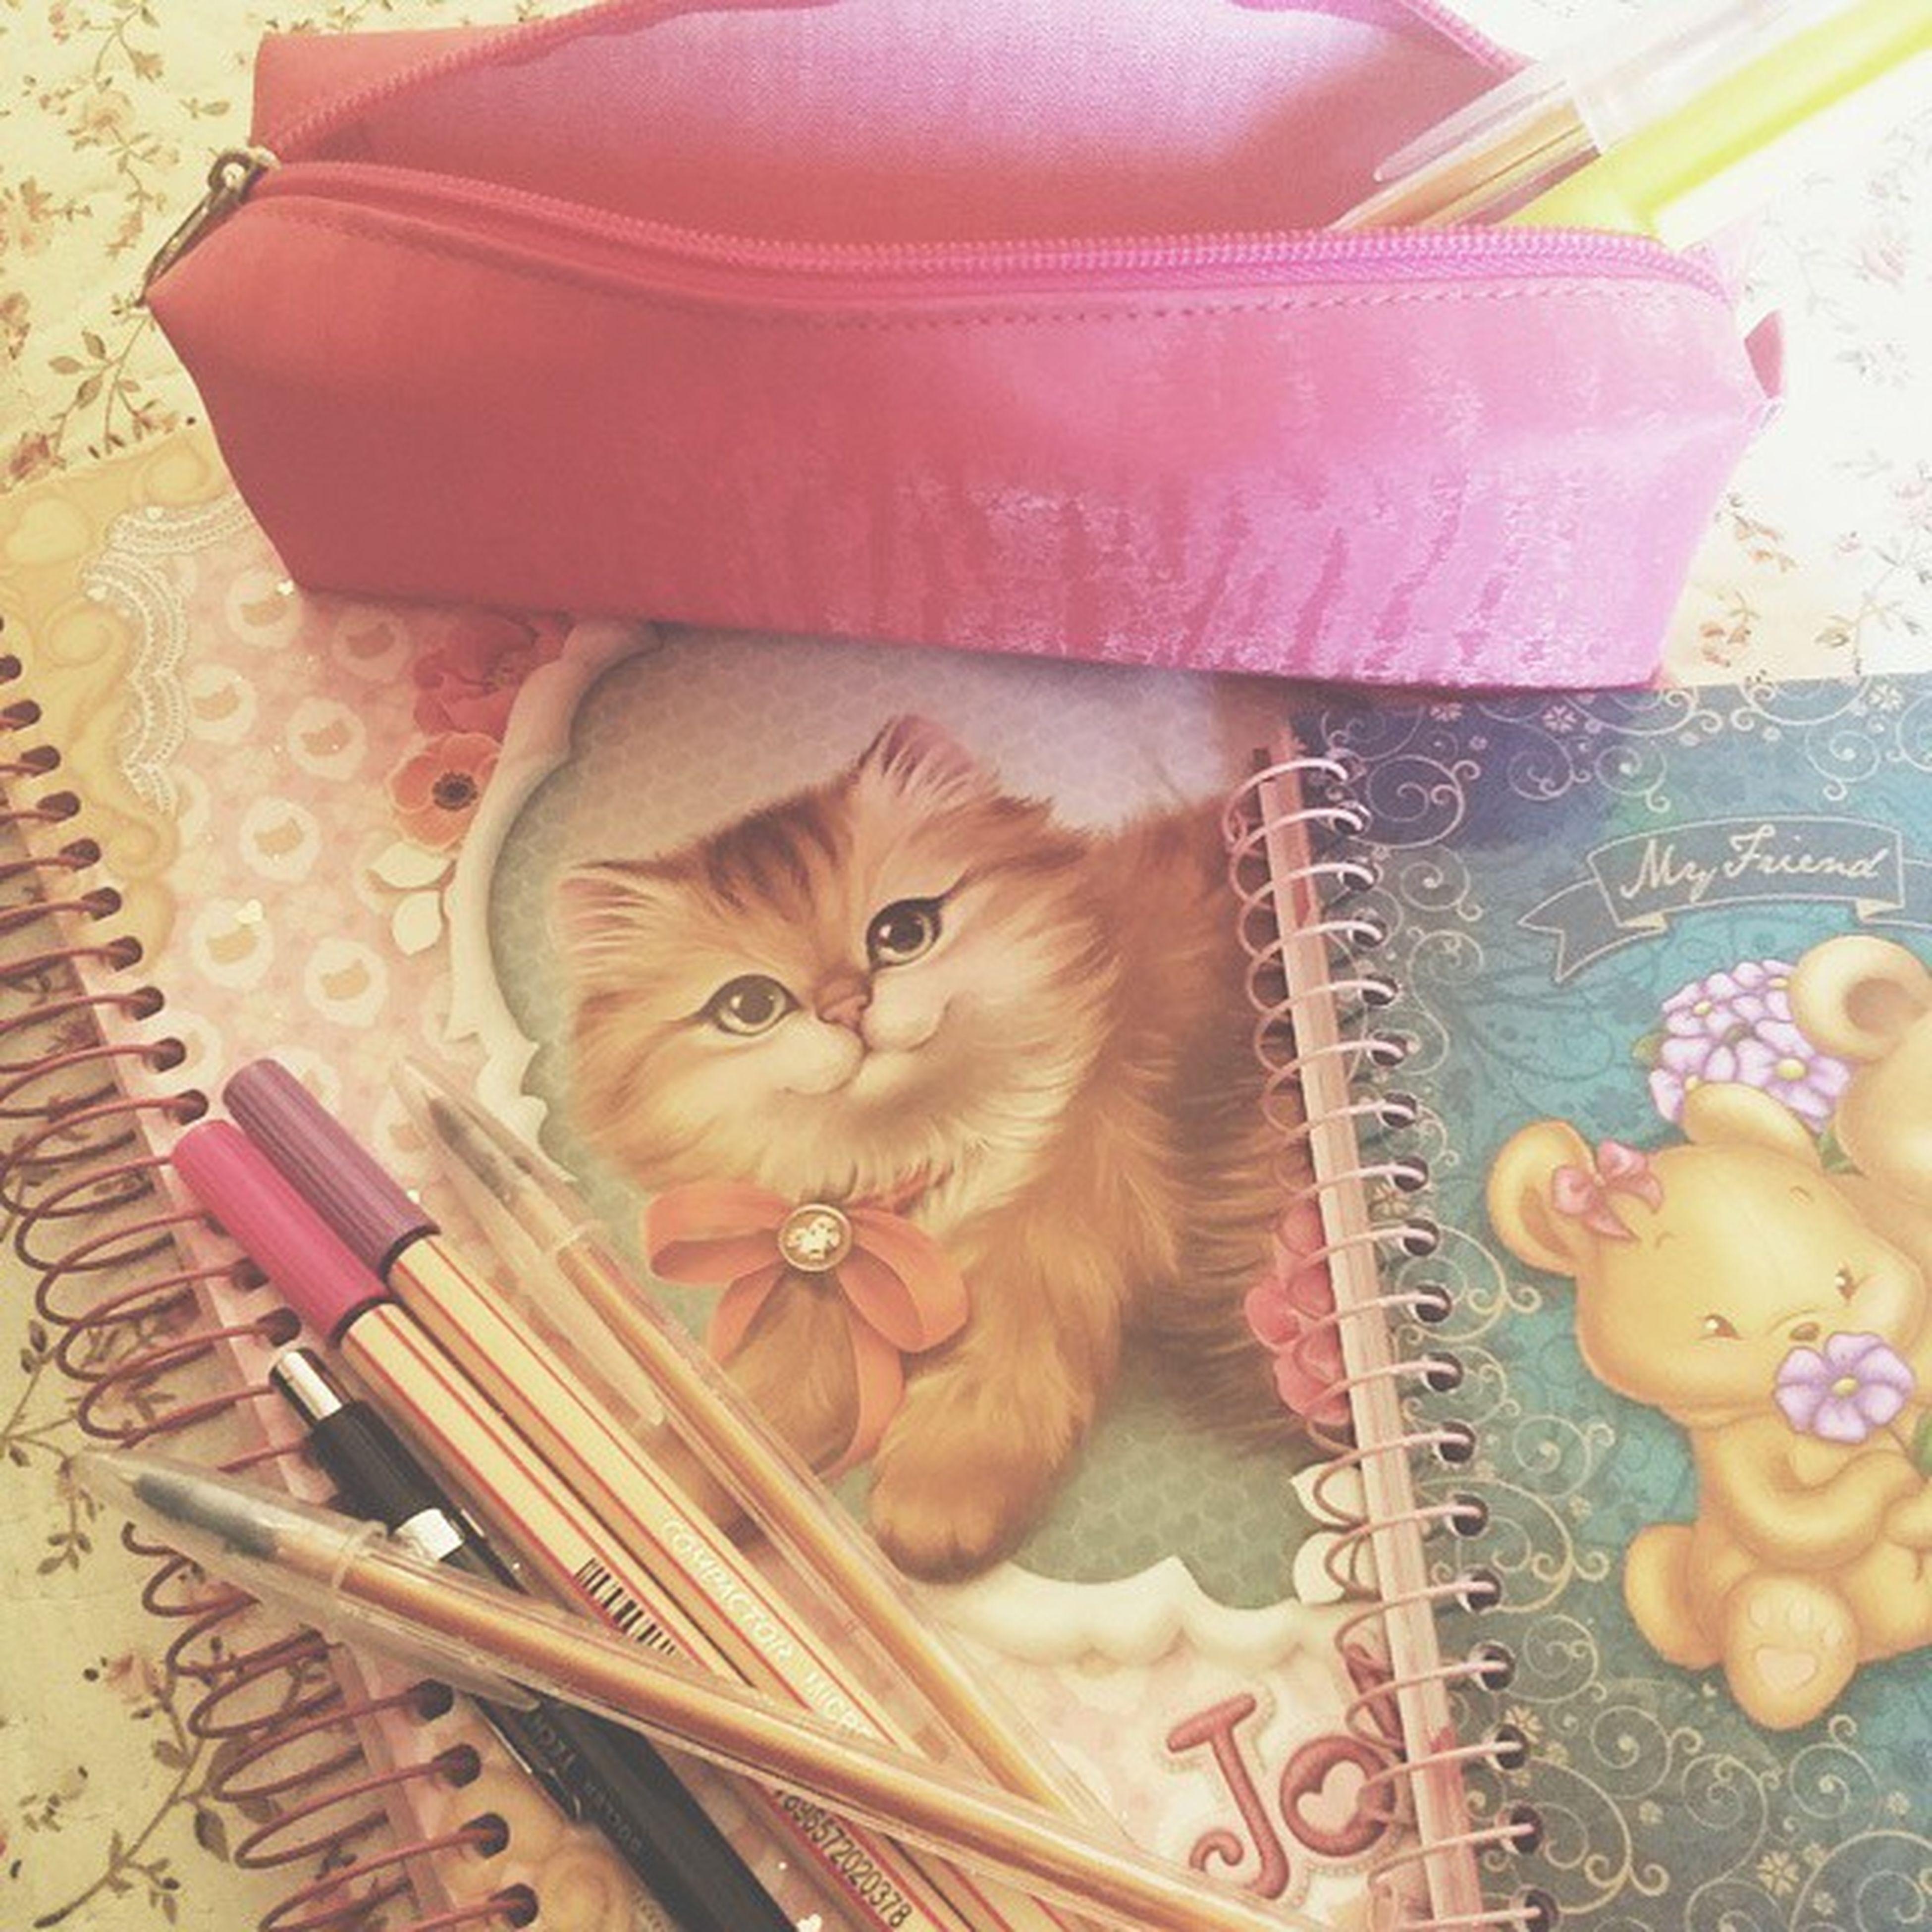 Criança feliz começando o semestre haha (@qthais, comprei esse caderno em tua homenagem) Psicología VoltamosRealidade ♡